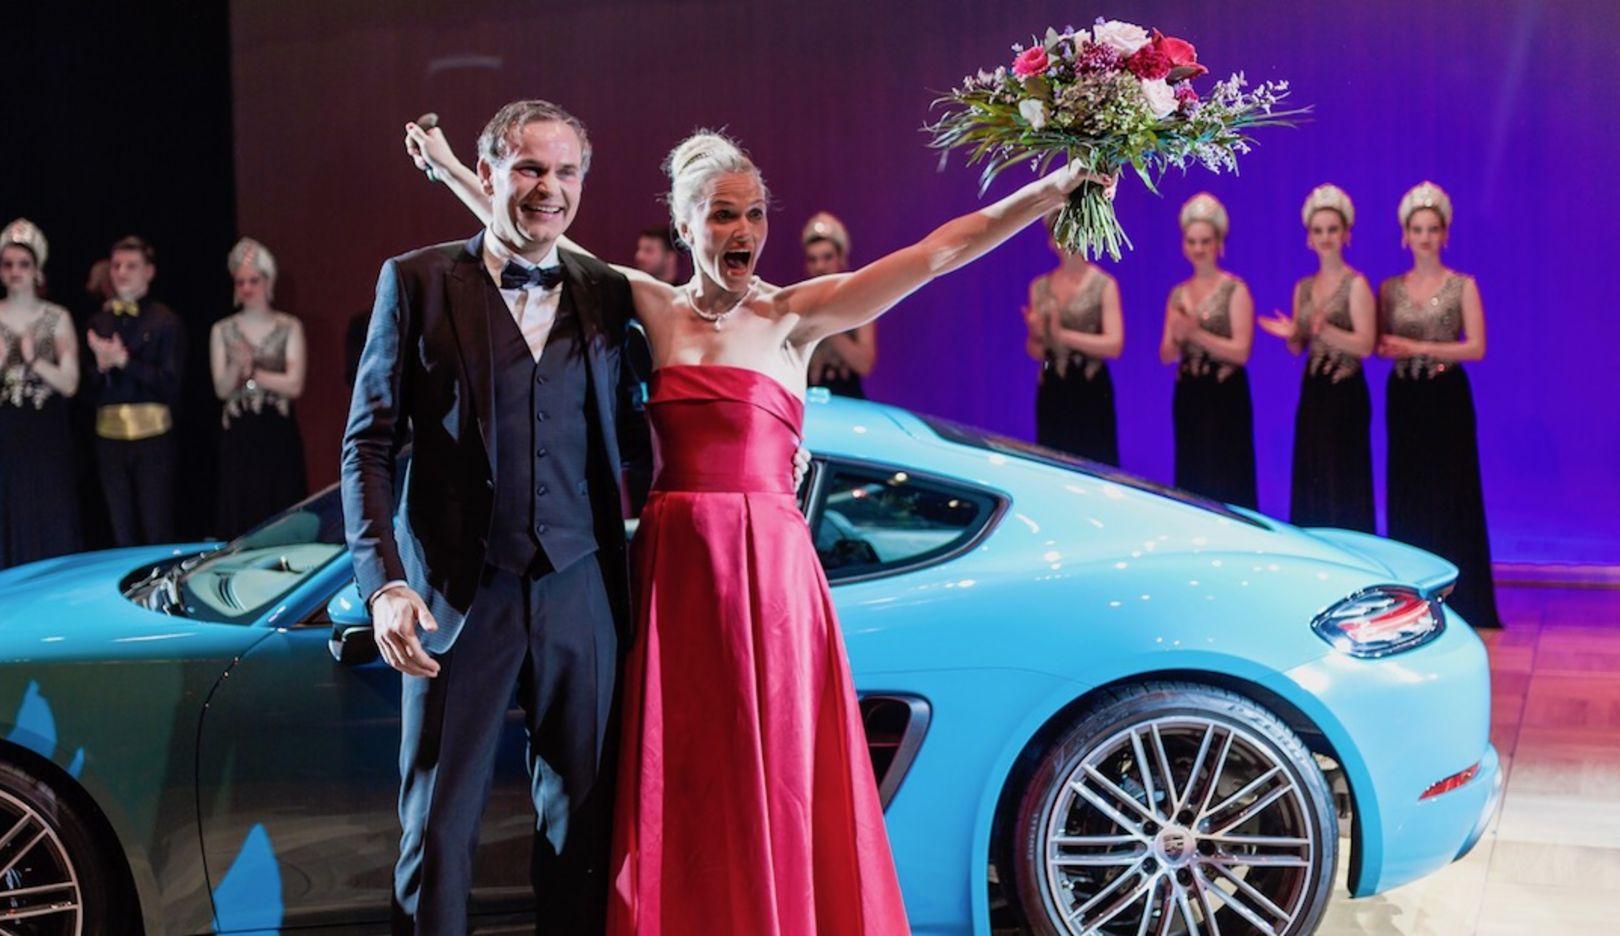 Oliver Blume, Vorstandsvorsitzender Porsche AG, Gewinnerin der Tombola, l-r, 2017 Porsche AG